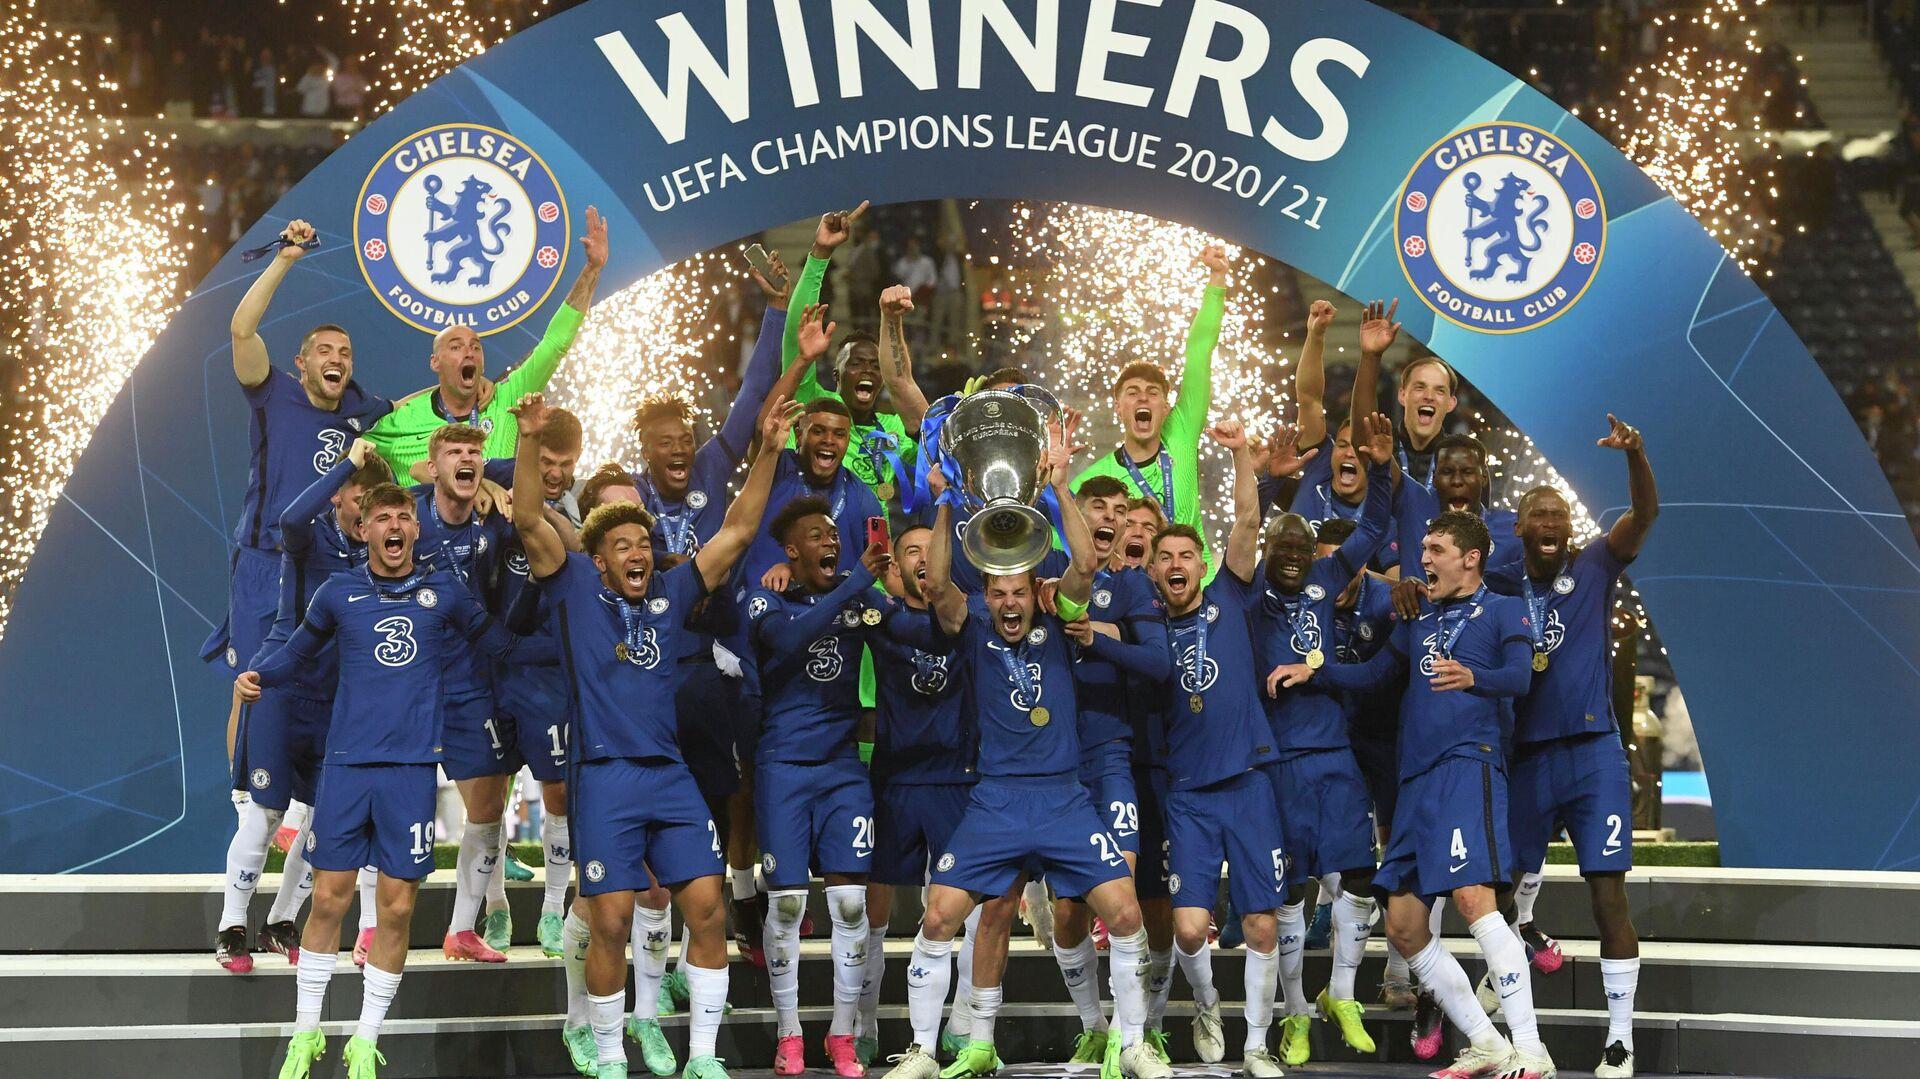 Jugadores del Chelsea, celebran su victoria ante el Manchester City en la final de la Liga de Campeones de la UEFA en Porto (Portugal), el 29 de mayo del 2021 - Sputnik Mundo, 1920, 29.05.2021